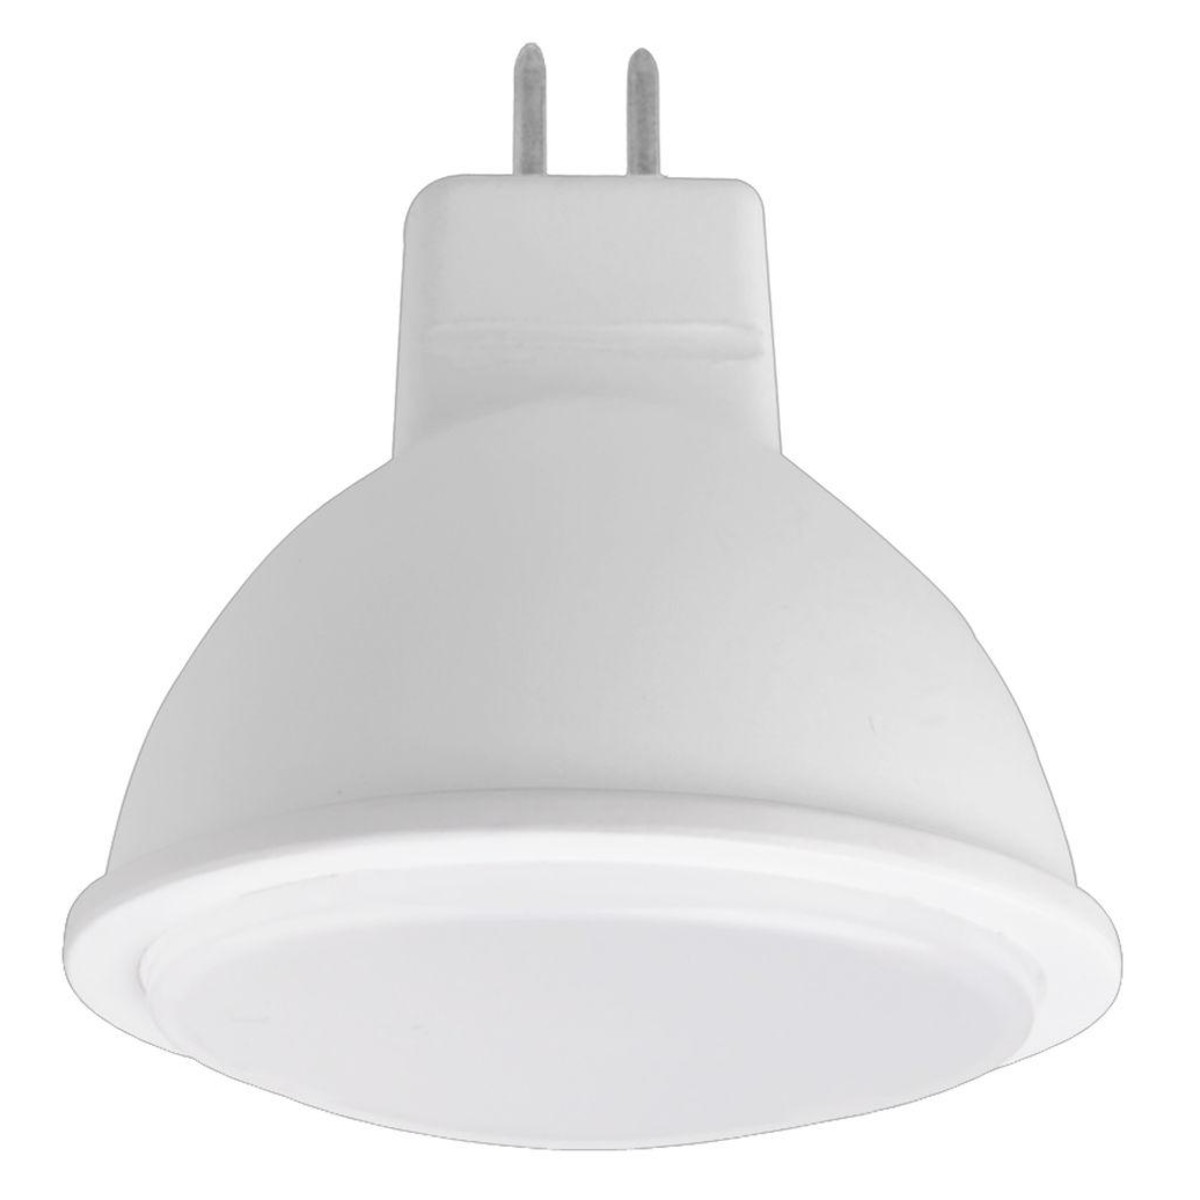 Лампа Ecola light GU5.3 7 Вт рефлекторная 560 Лм теплый 4 шт